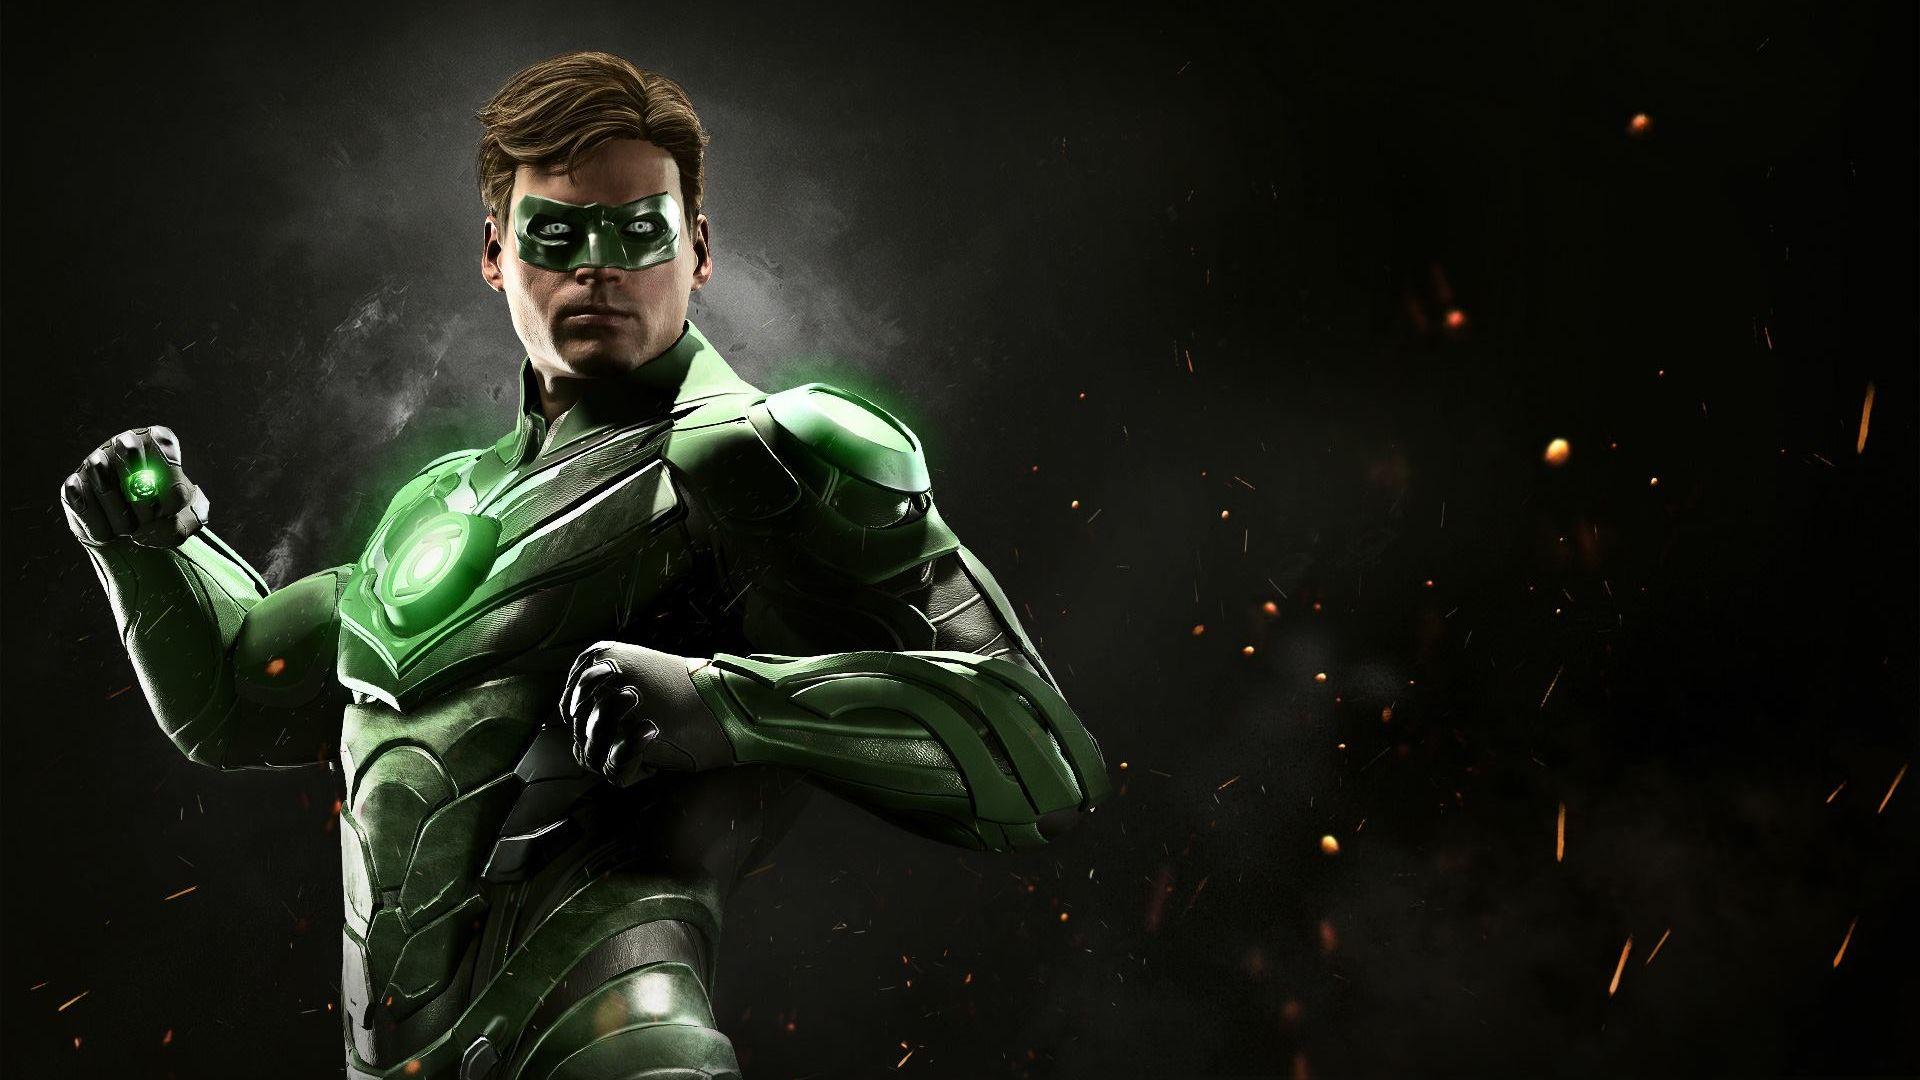 Green Lantern Comic Wallpaper